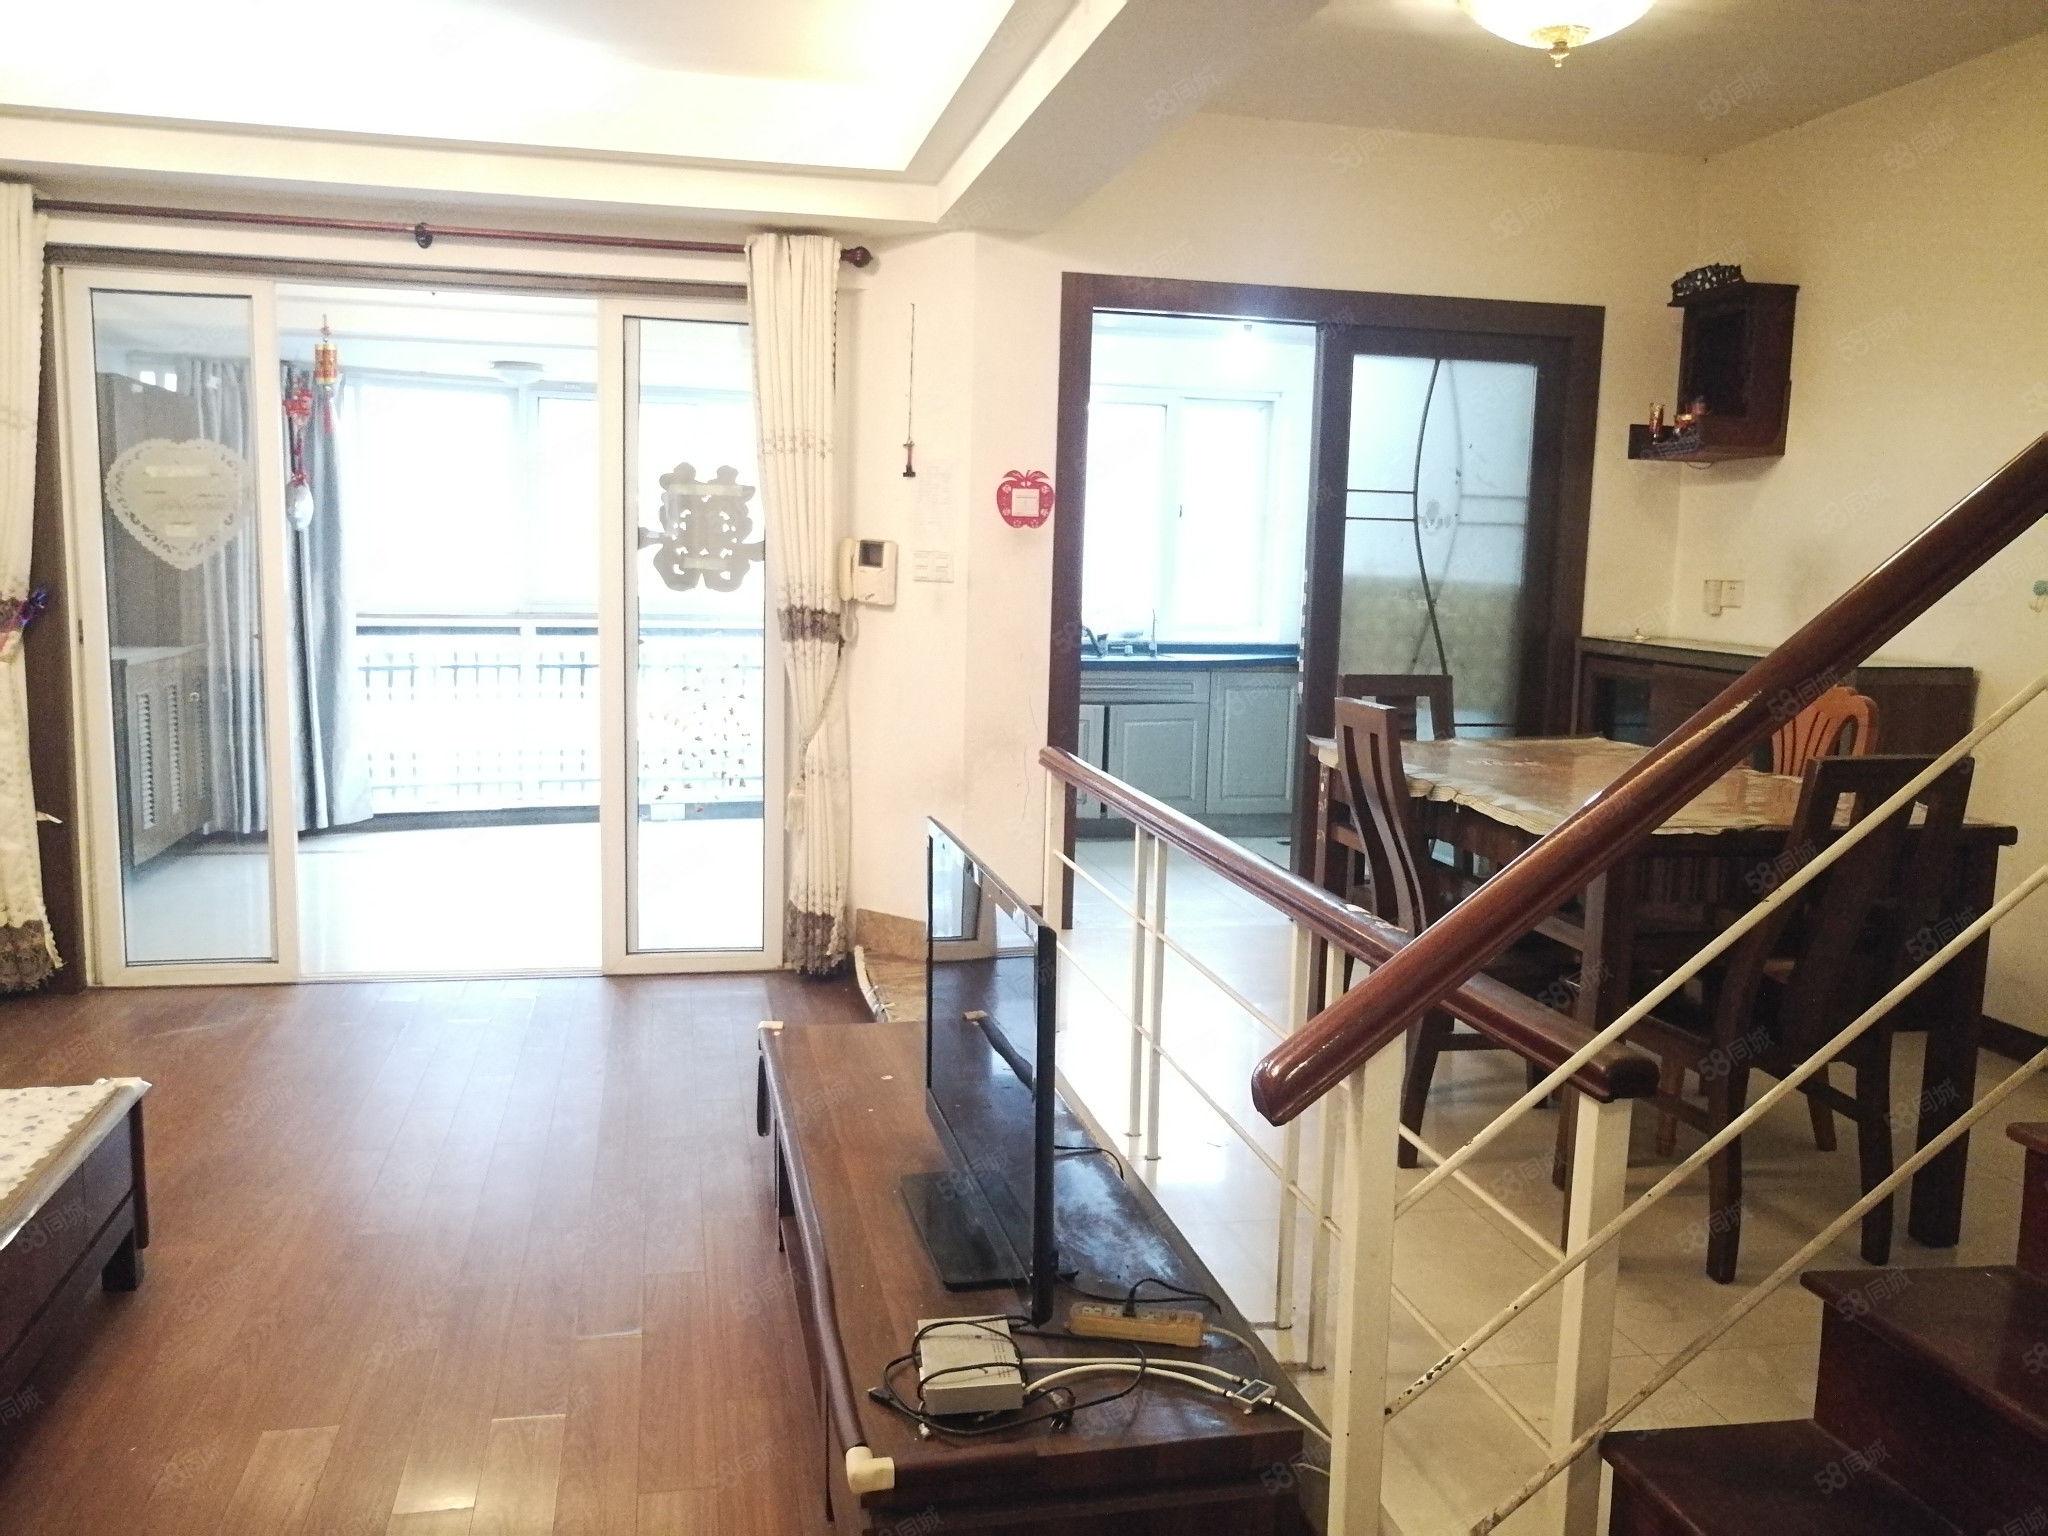 湖前电梯业主置换首先,塞纳高层复式楼三层露台。板砖南北通透.